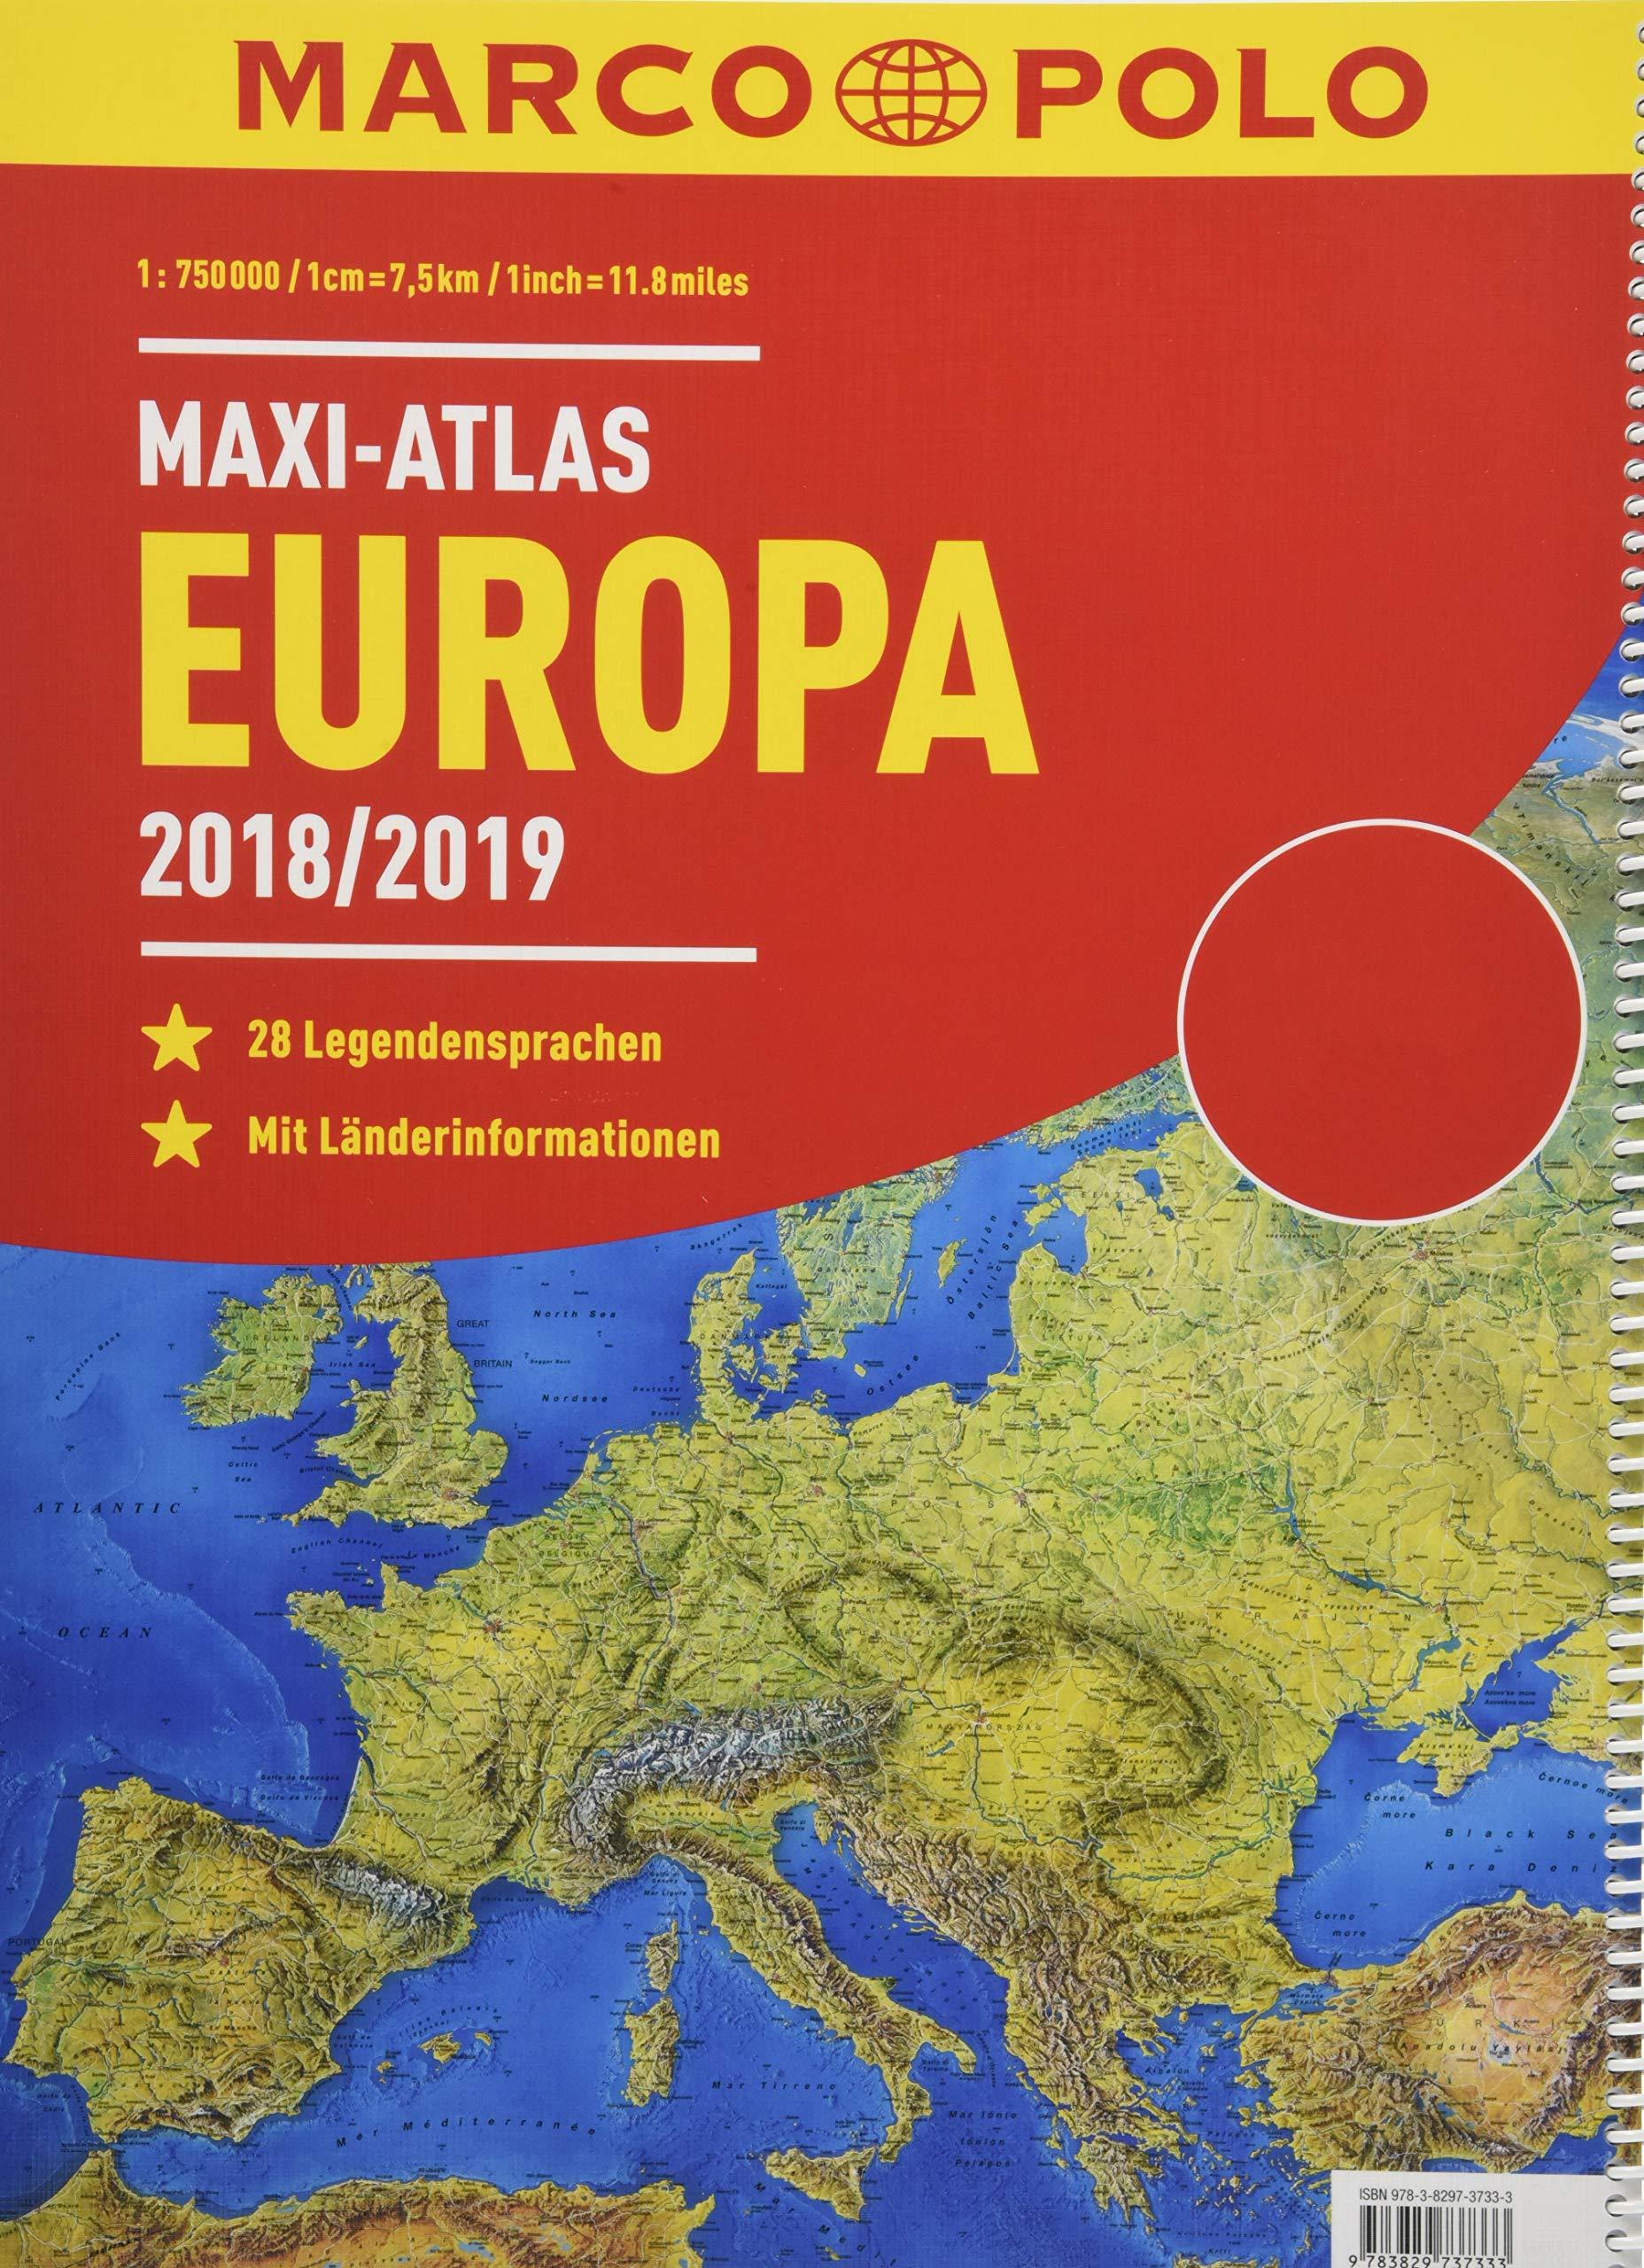 MARCO POLO Maxi-Atlas Europa 2018/2019: Amazon.es: Libros en idiomas extranjeros